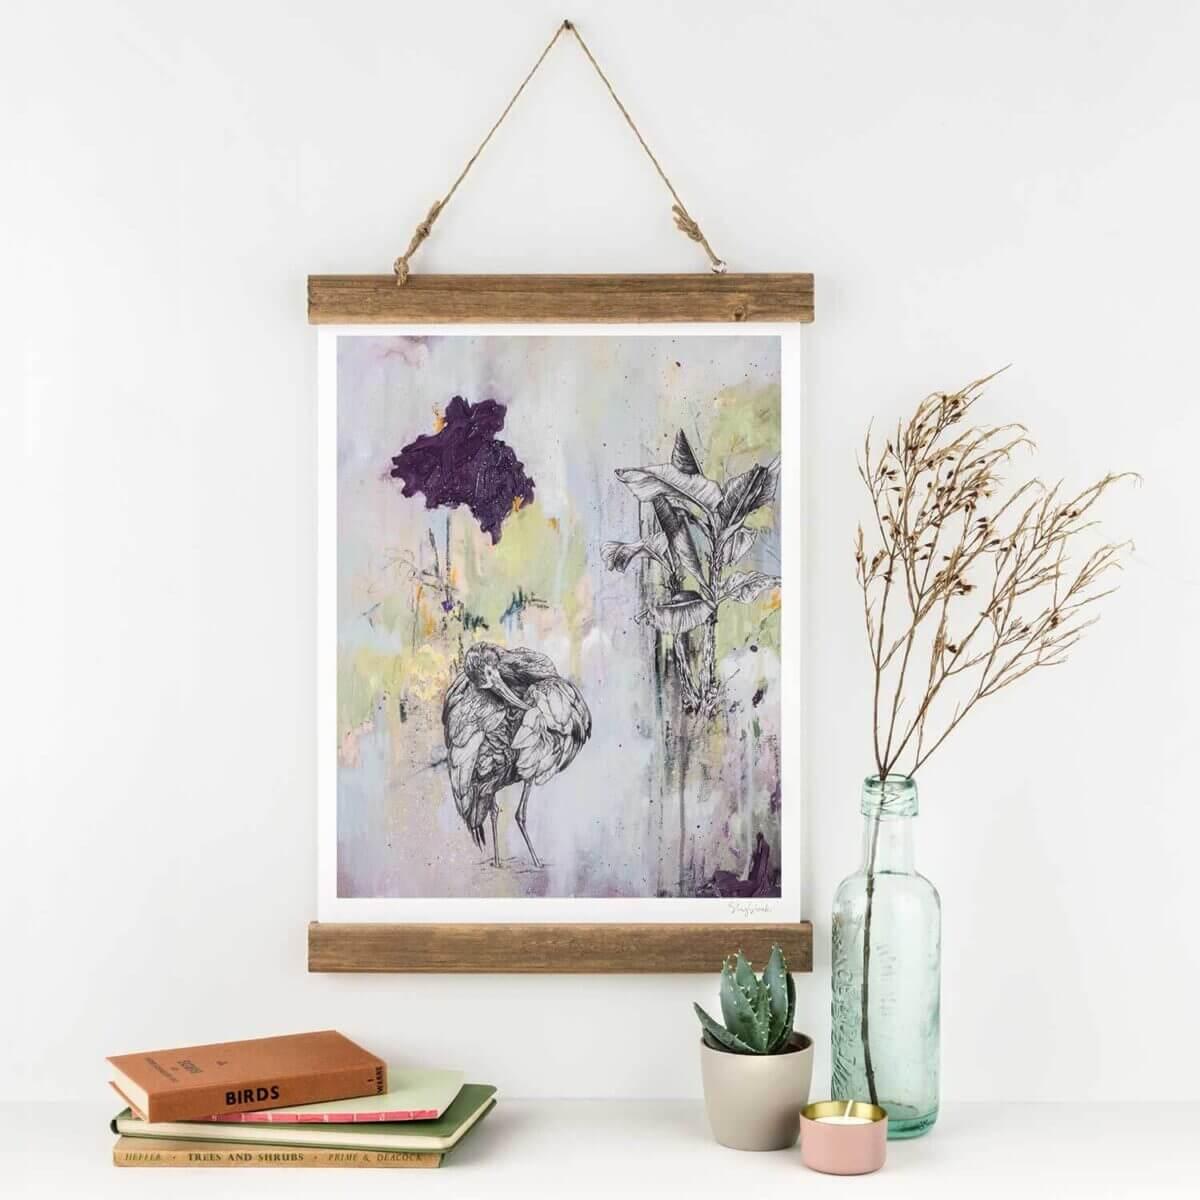 White-Faced-Ibis-Art-Print-Sky-Siouki